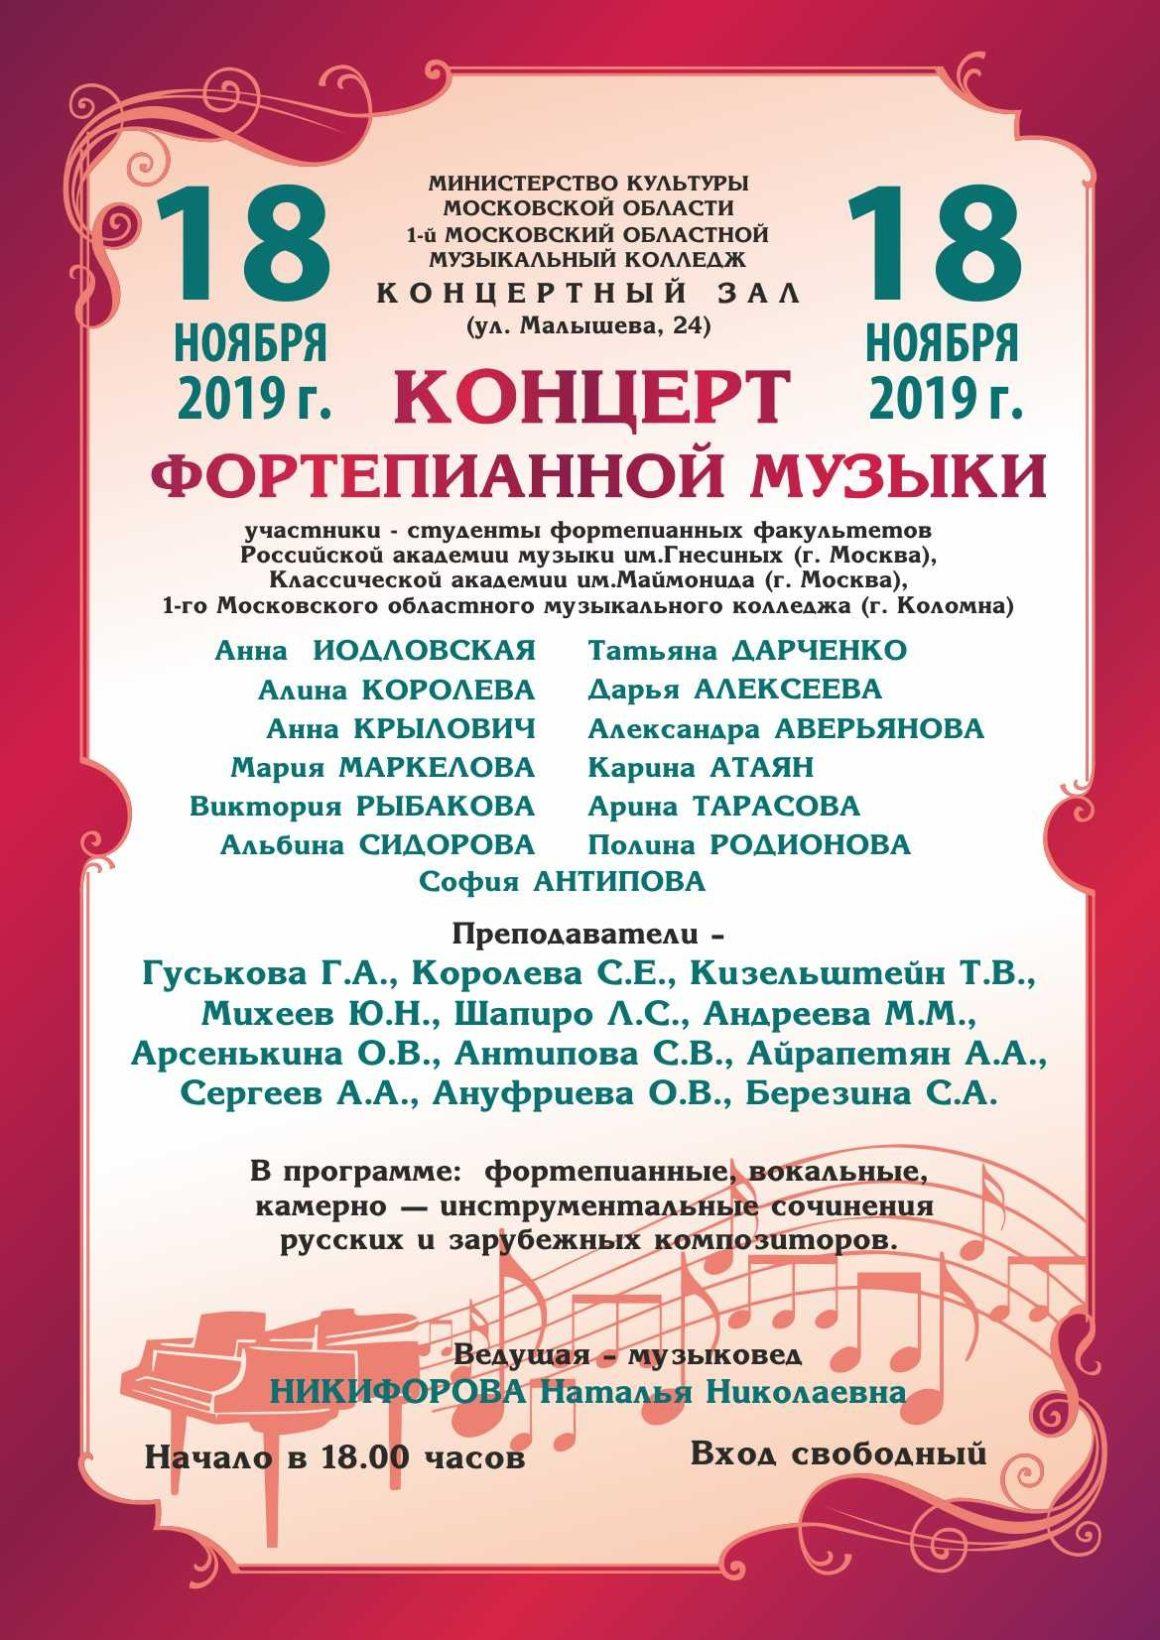 18 ноября 2019 года в Концертном зале 1-го МОМК состоится концерт фортепианной музыки.